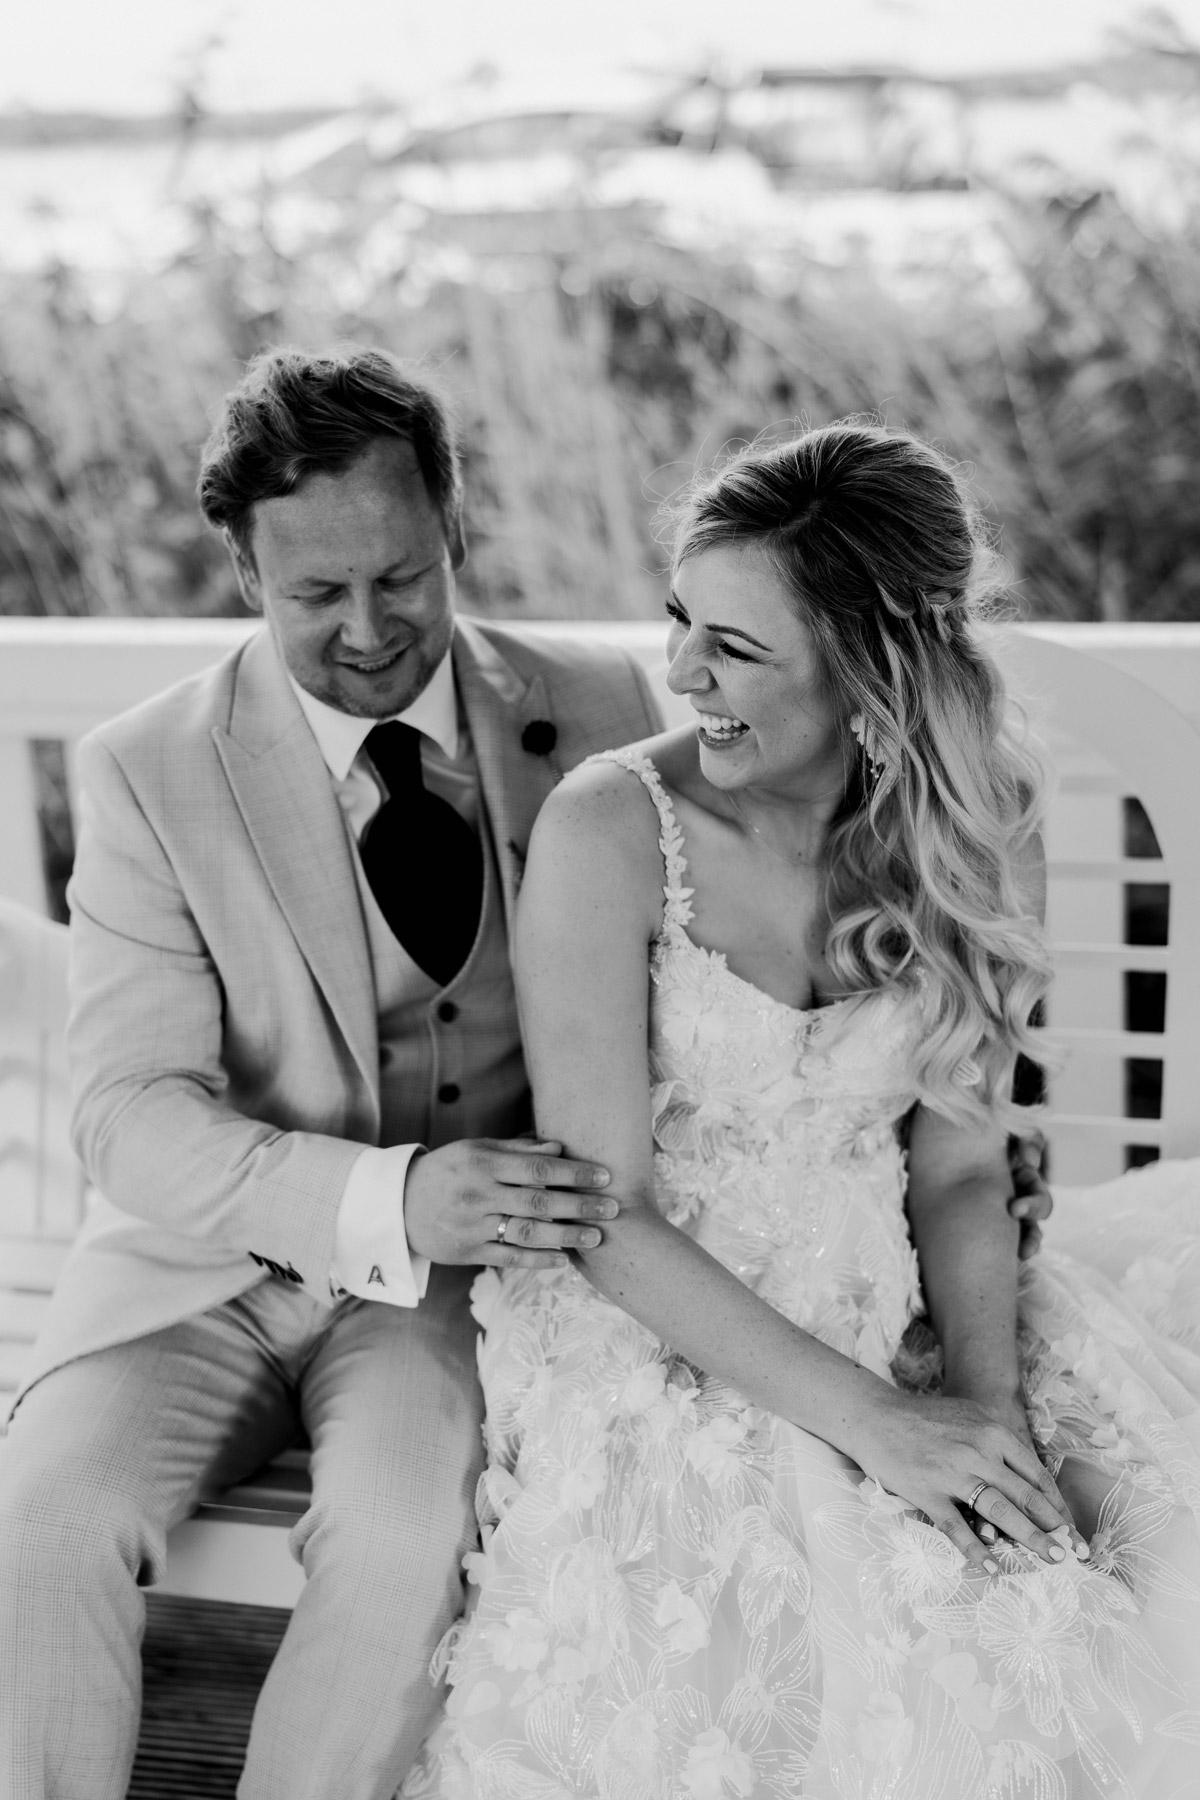 Boho Hochzeitspaar lacht glücklich: Brautpaarshooting Idee für authentische und emotionale Hochzeitsfotos. Wir lieben diesen Moment von der freien Trauung in der Hochzeitslocation Resort am Schwielowsee am Wasser in Brandenburg. © www.hochzeitslicht.de #hochzeitslicht